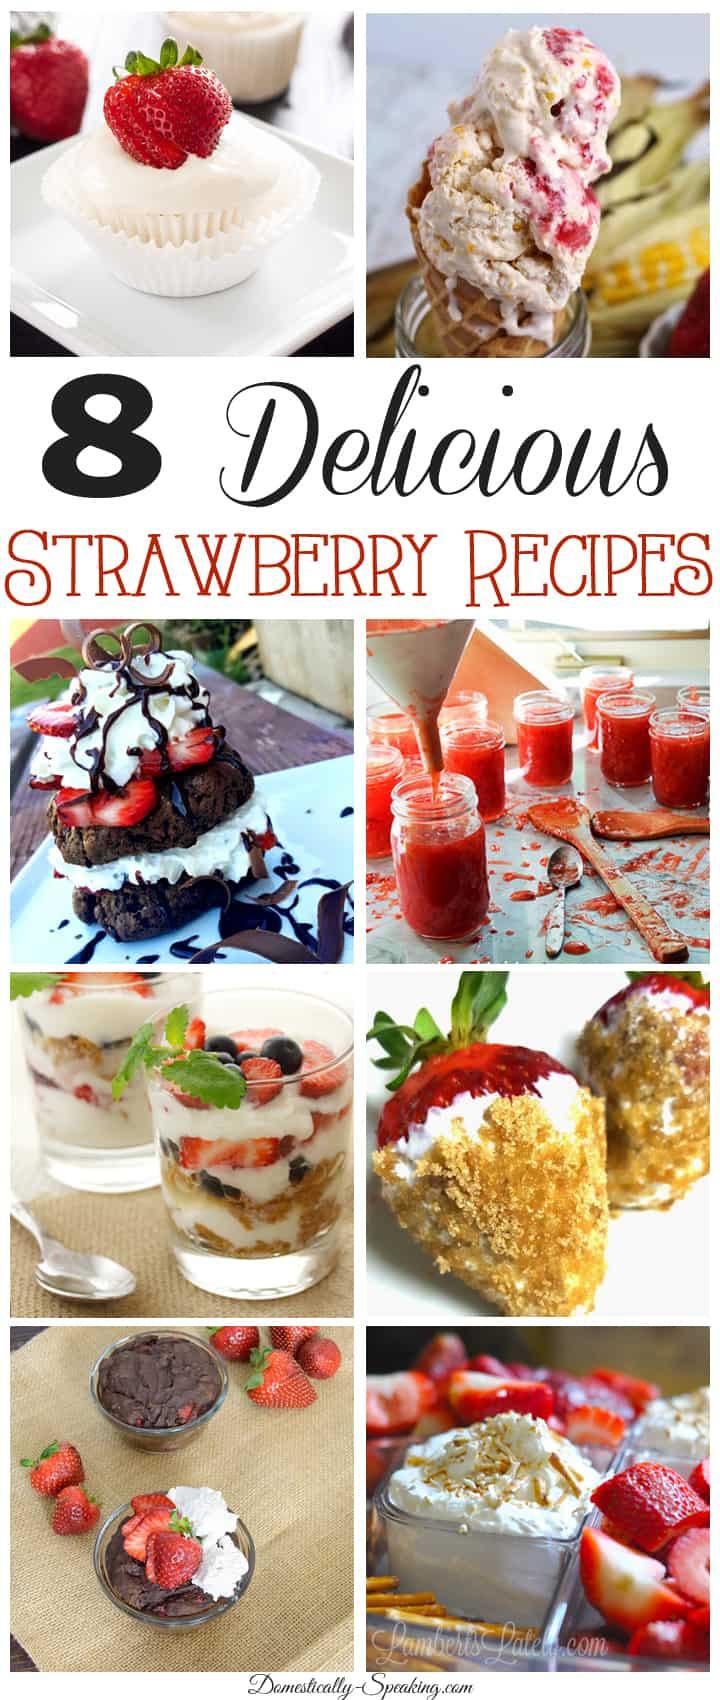 8 Delicious Strawberry Recipes